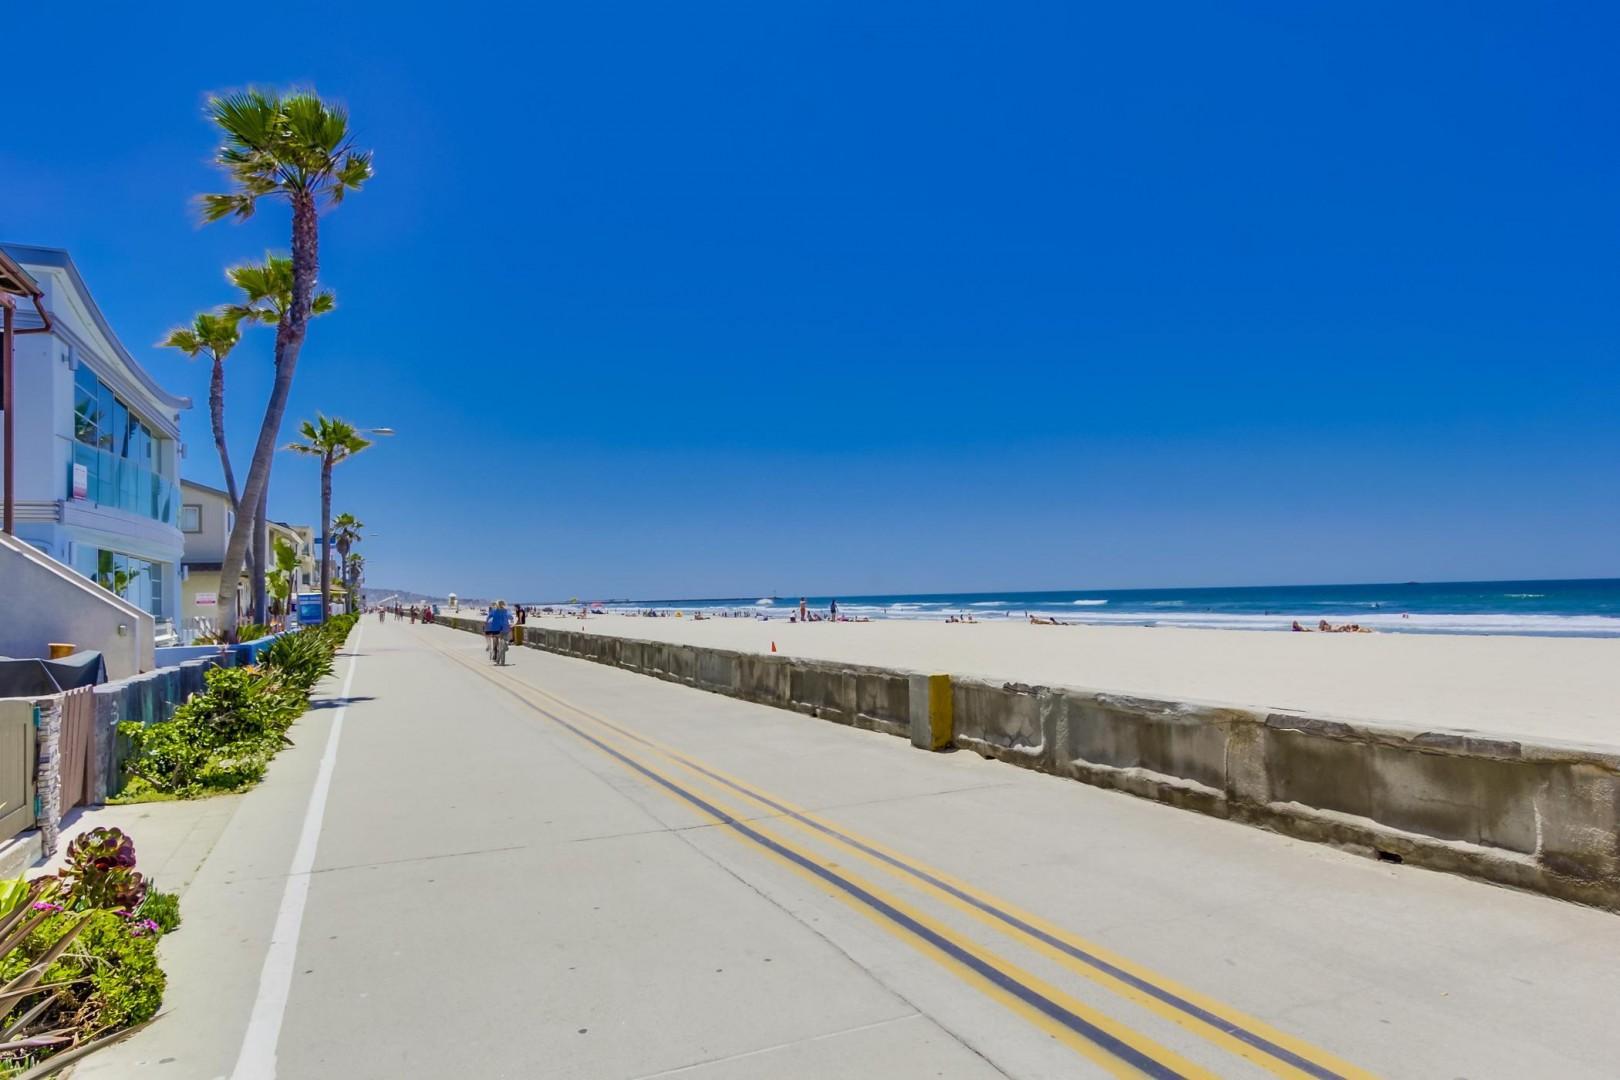 3275-ocean-front-walk-1-029_2100x1400